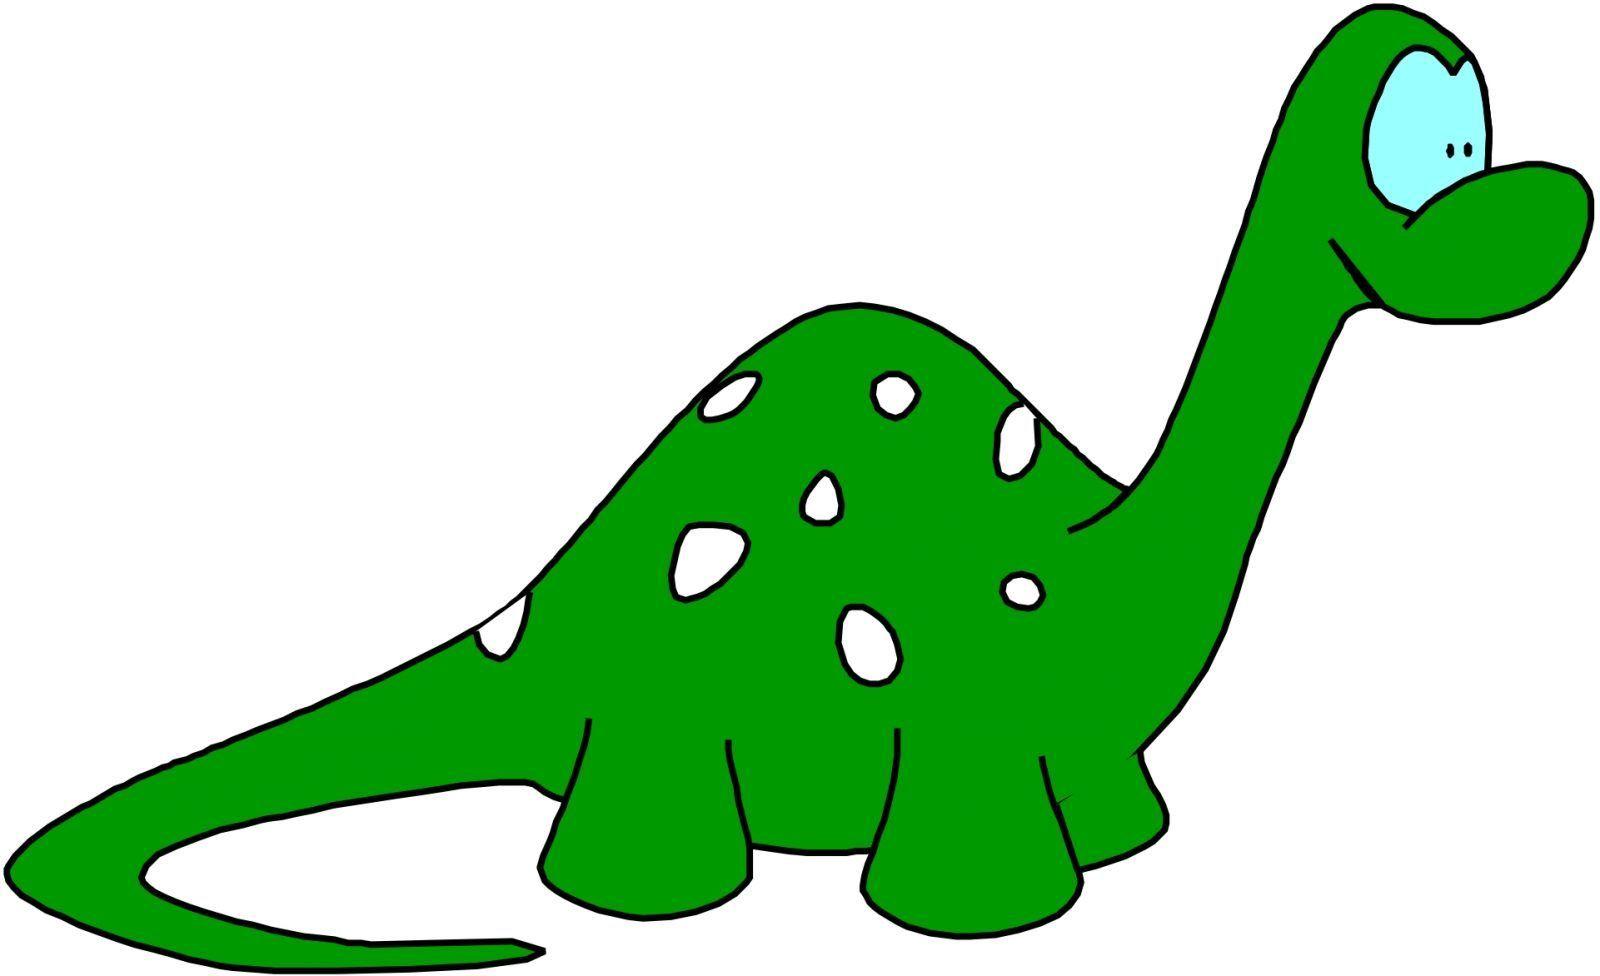 dibujos de dinosaurios a color - Buscar con Google | cumpleaños de ...